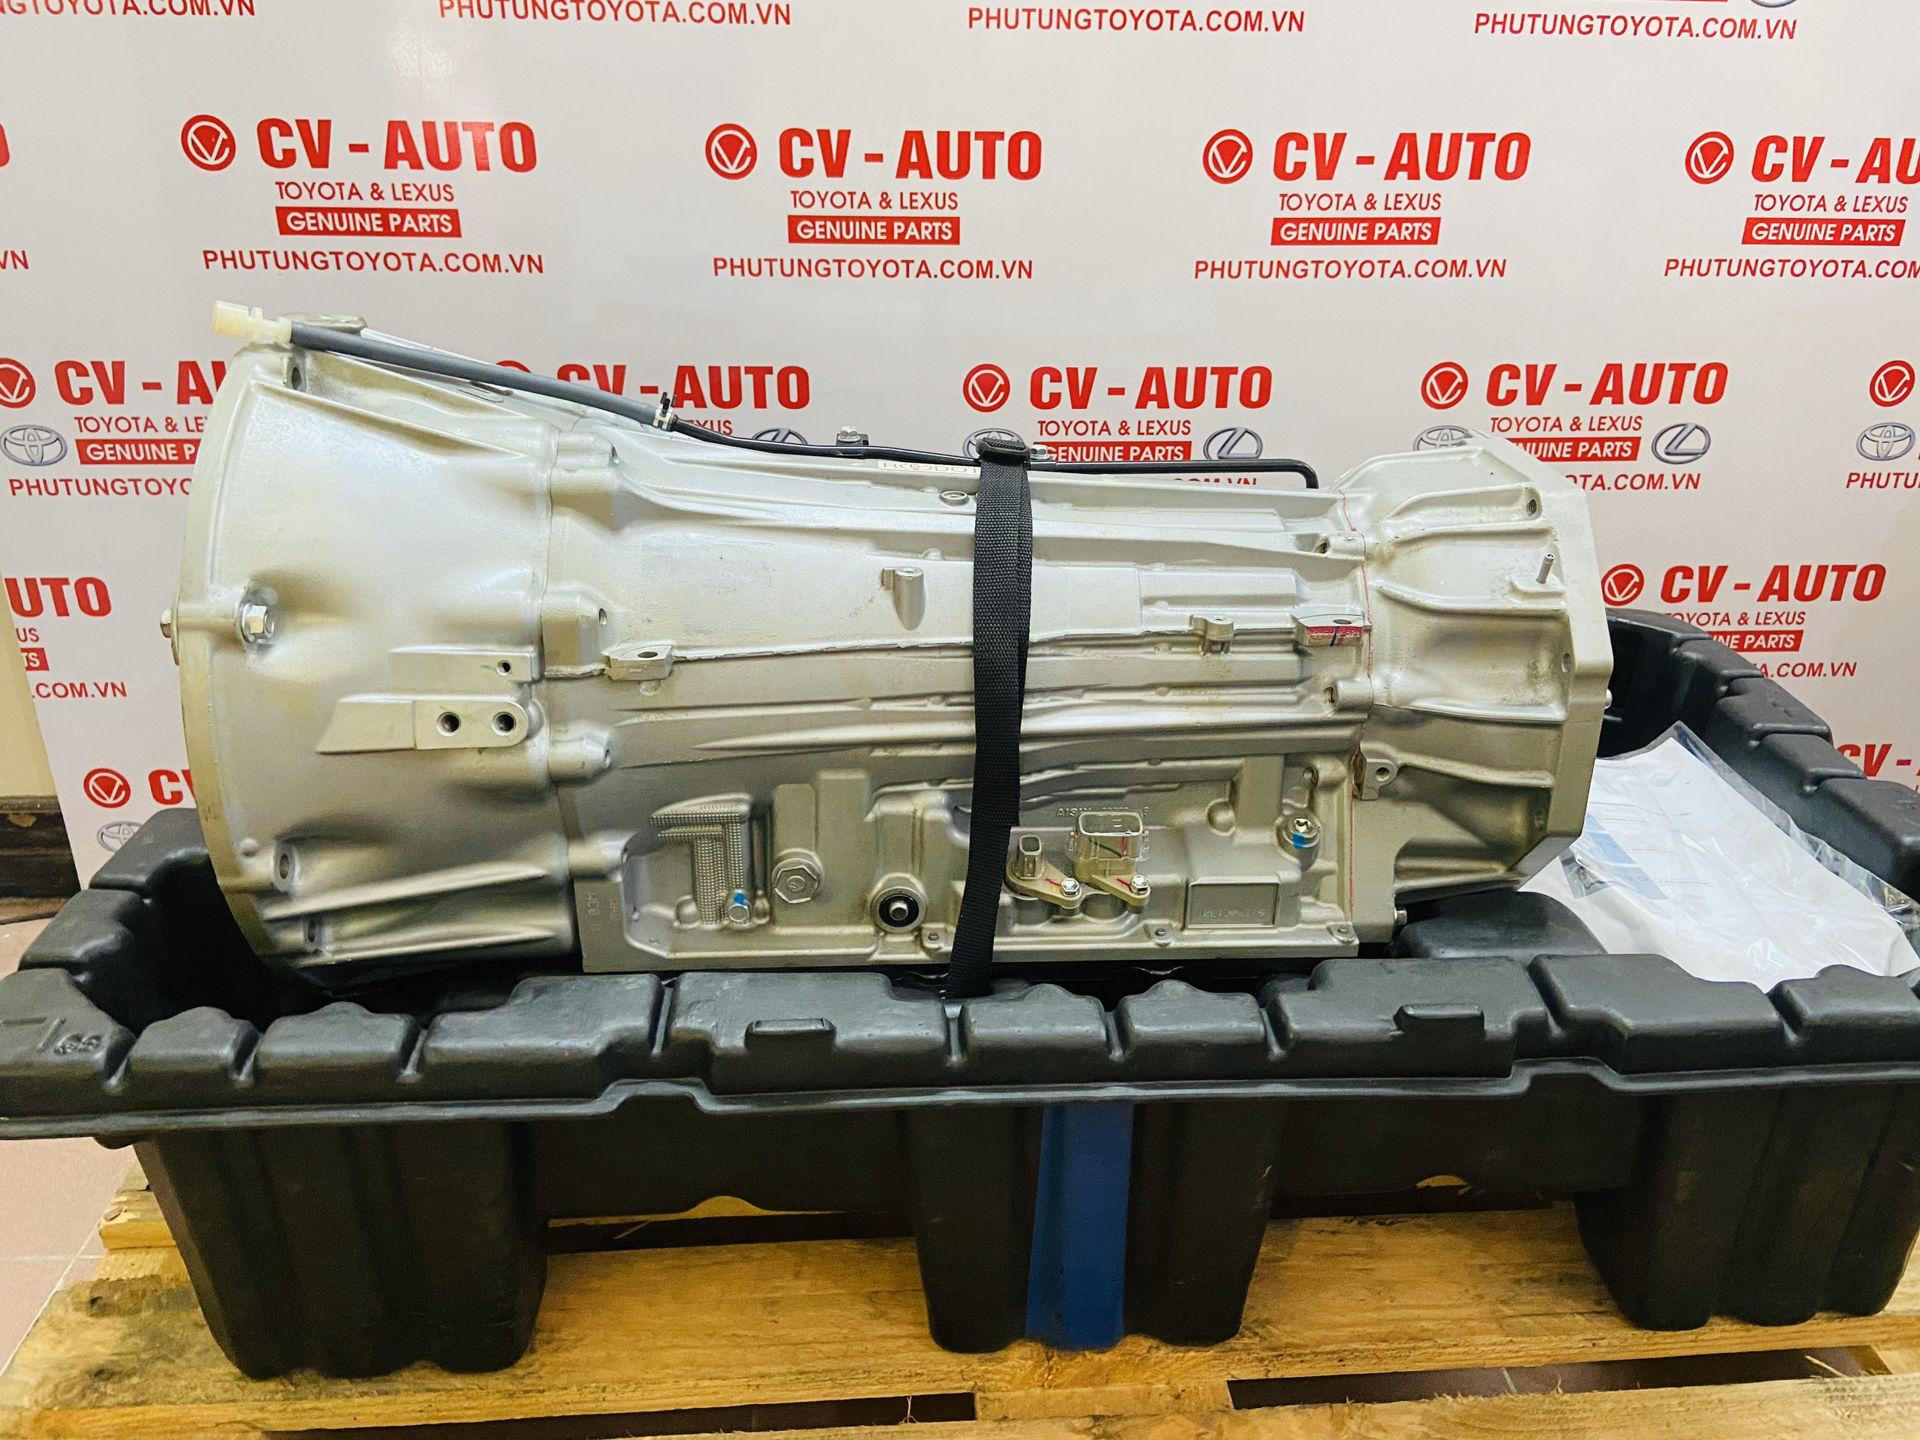 Picture of 35010-60B80 Hộp số Lexus LX570, Toyota Land Cruiser Prado chính hãng